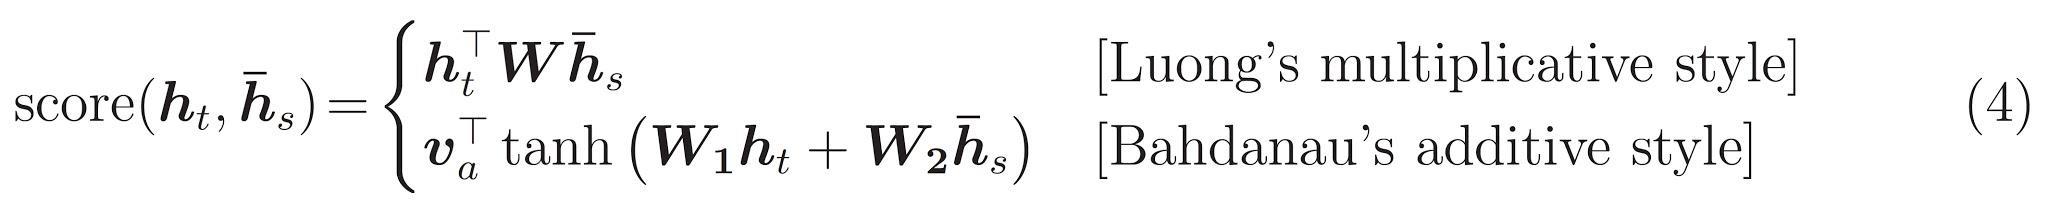 ecuación de atención 4